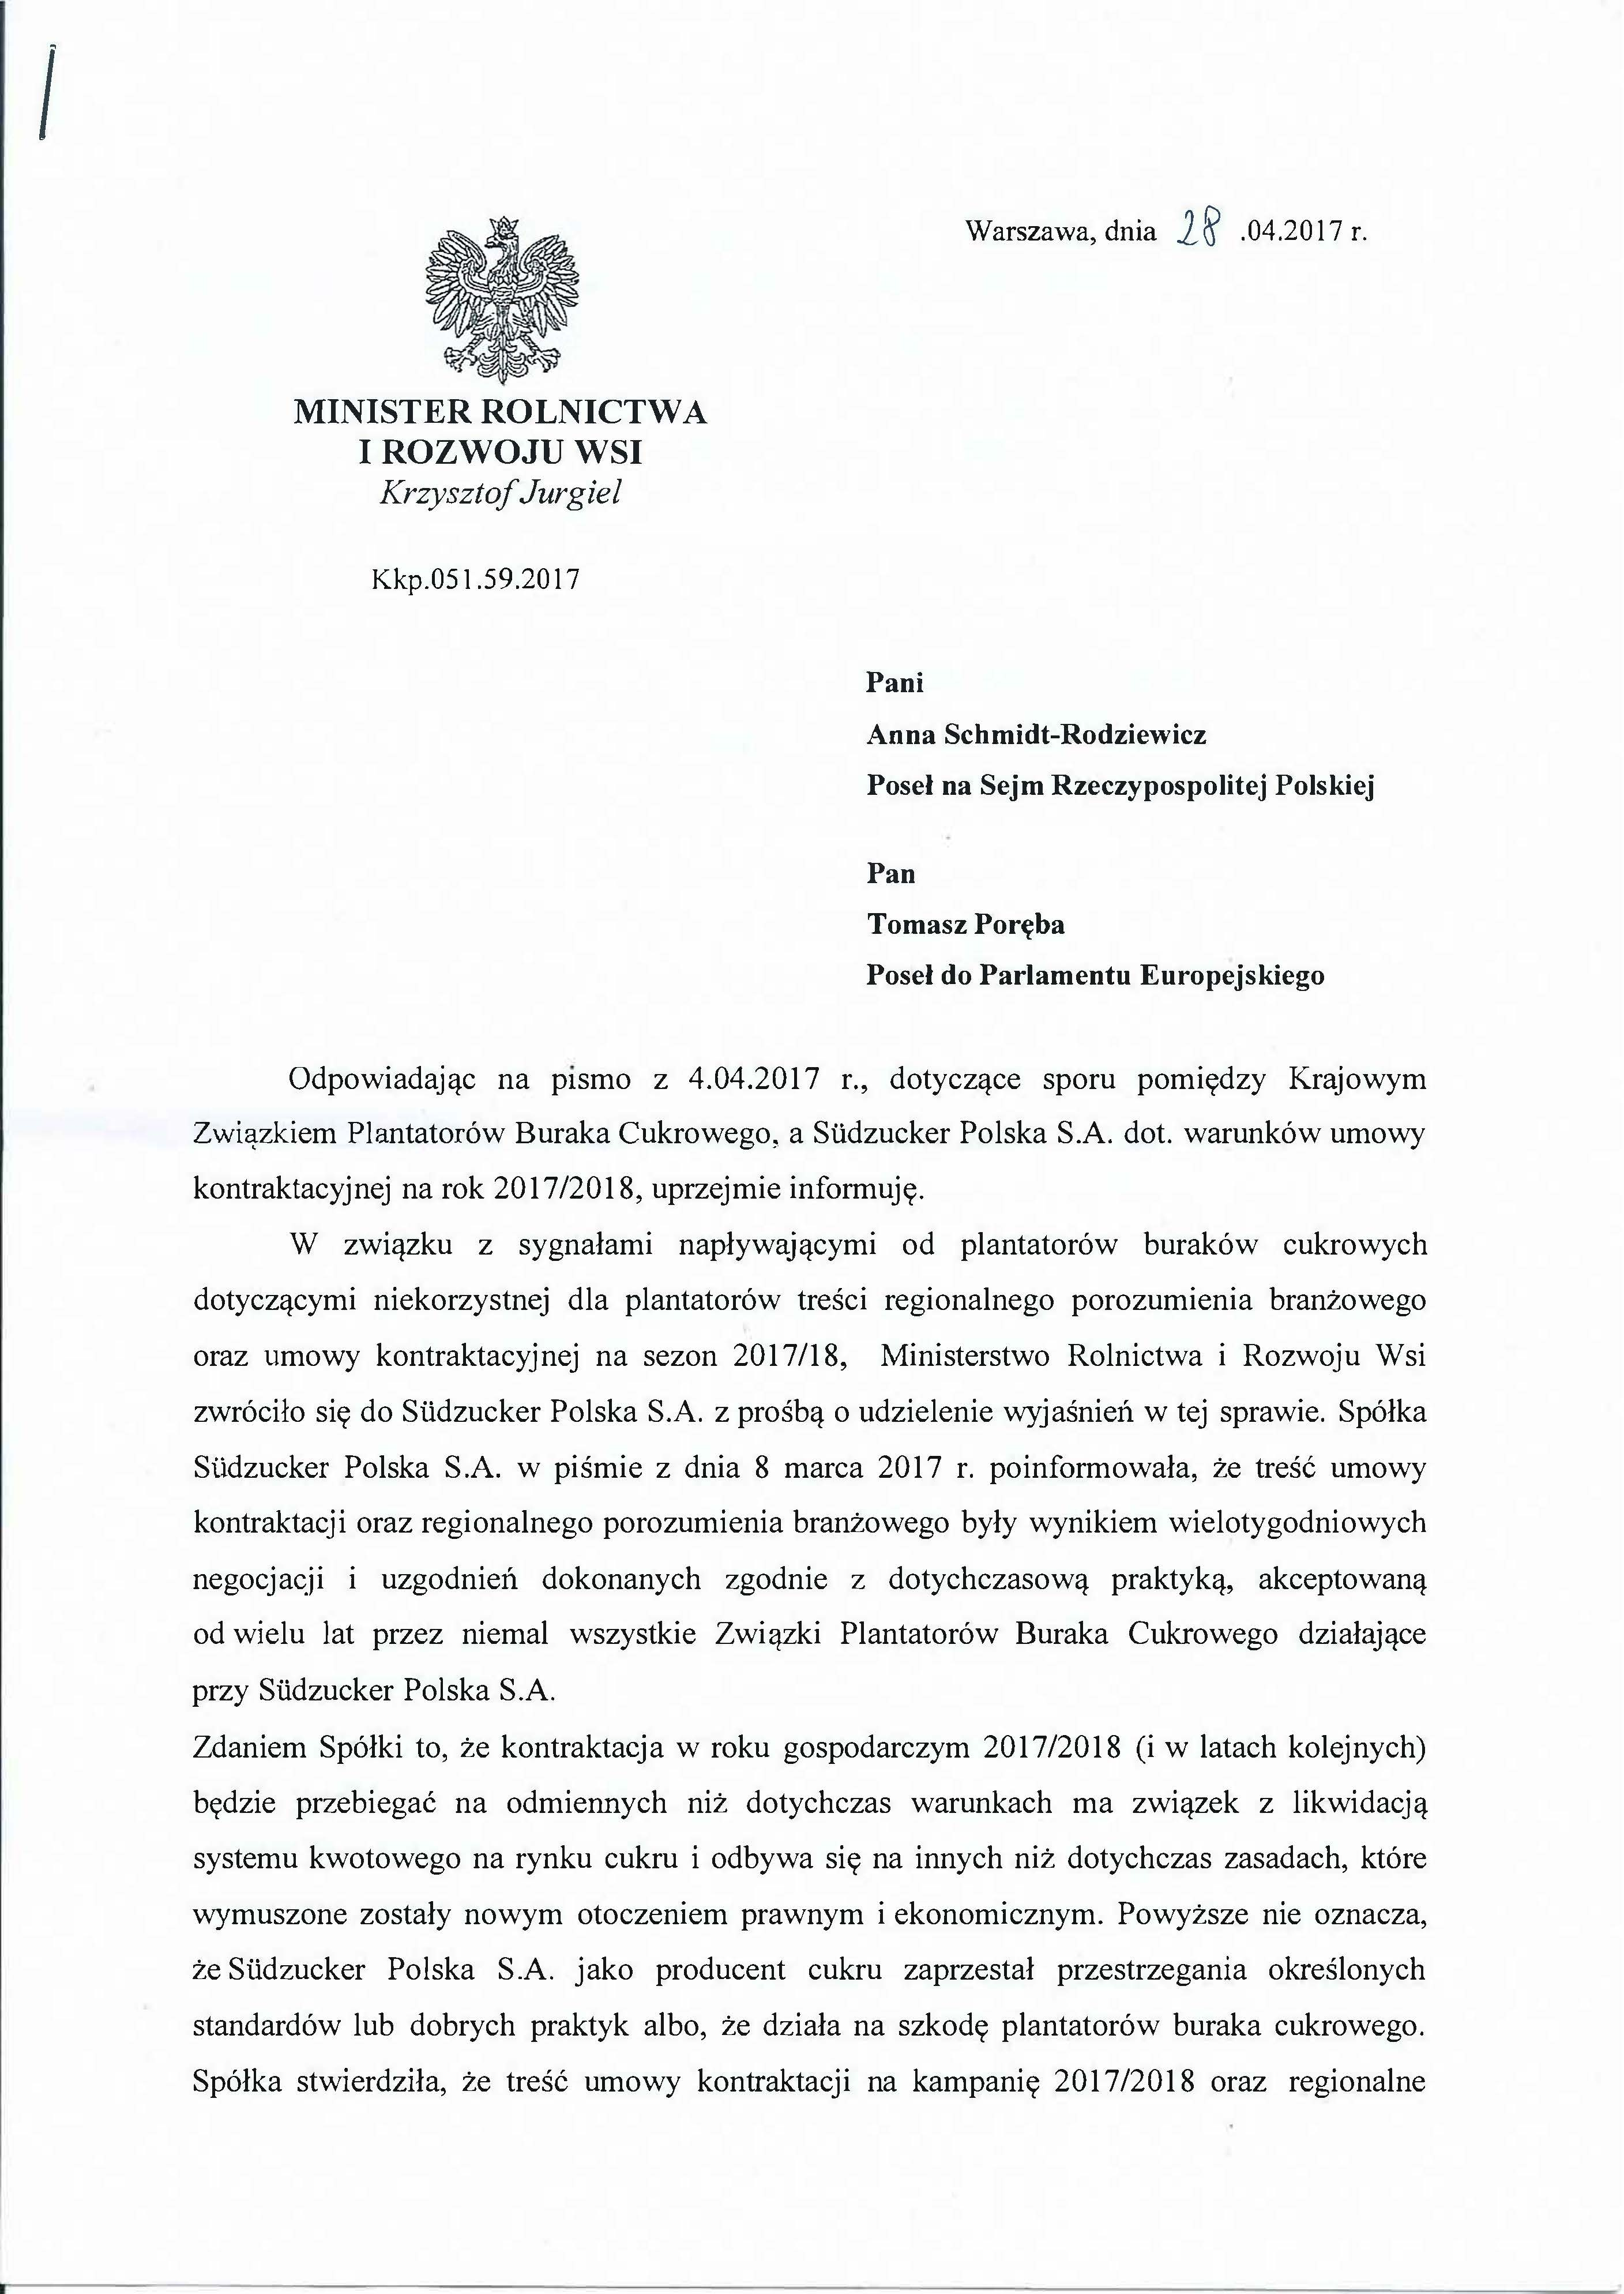 Po interwencji posłów PiS minister rolnictwa zlecił kontrolę działań podejmowanych przez Südzucker Polska S.A.